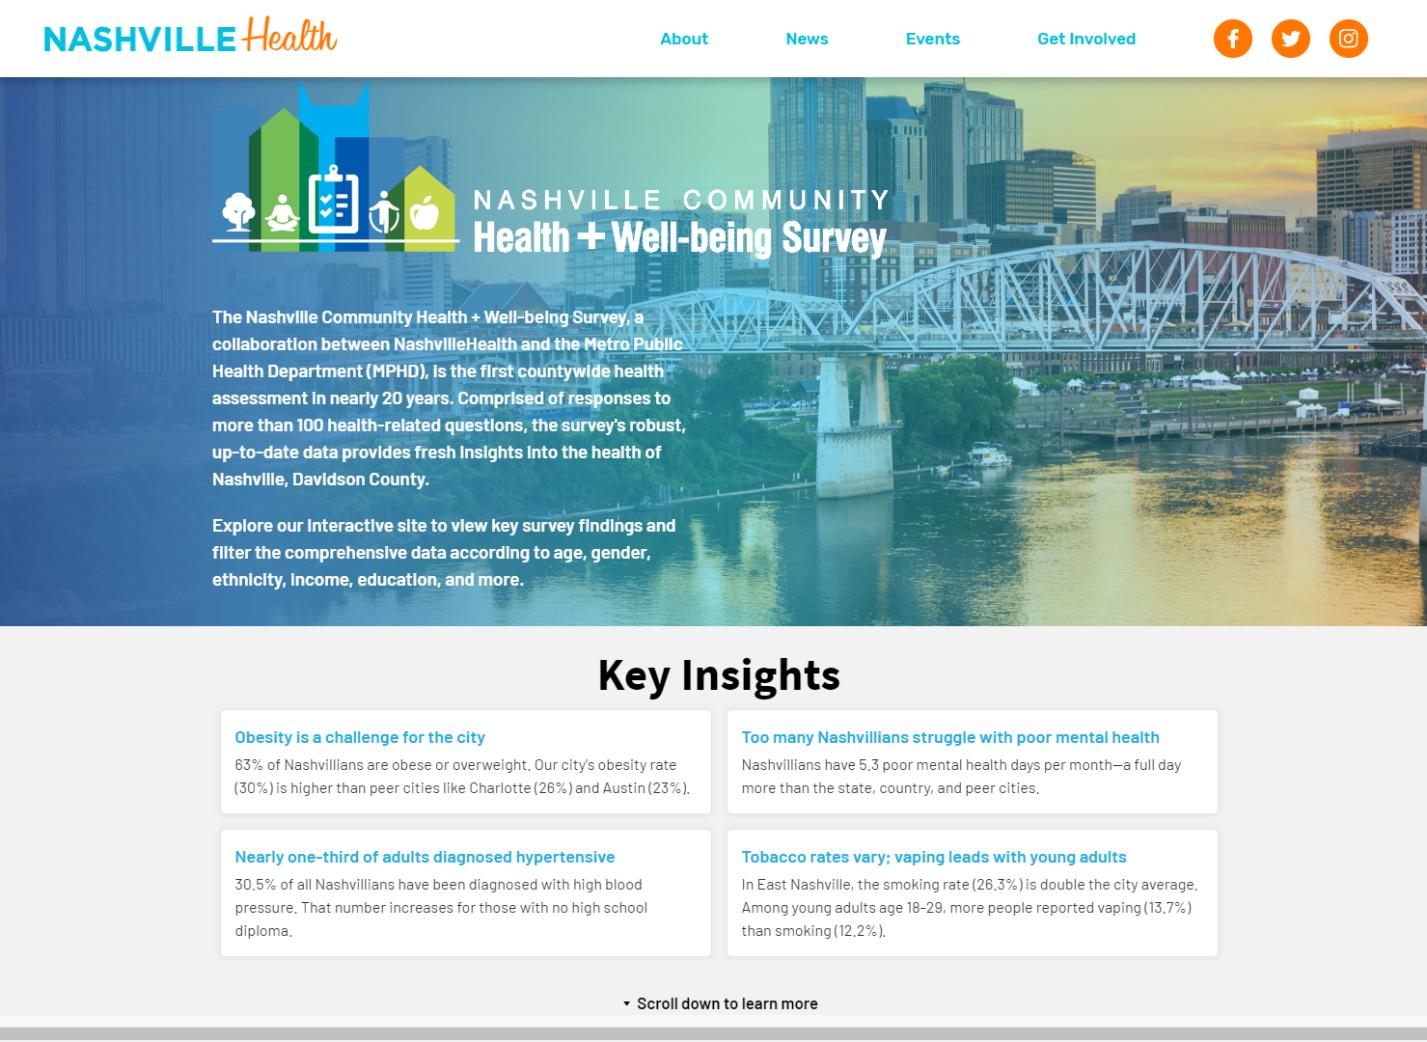 Data Stories - Juice Analytics - Nashville Health Wellbeing Survey